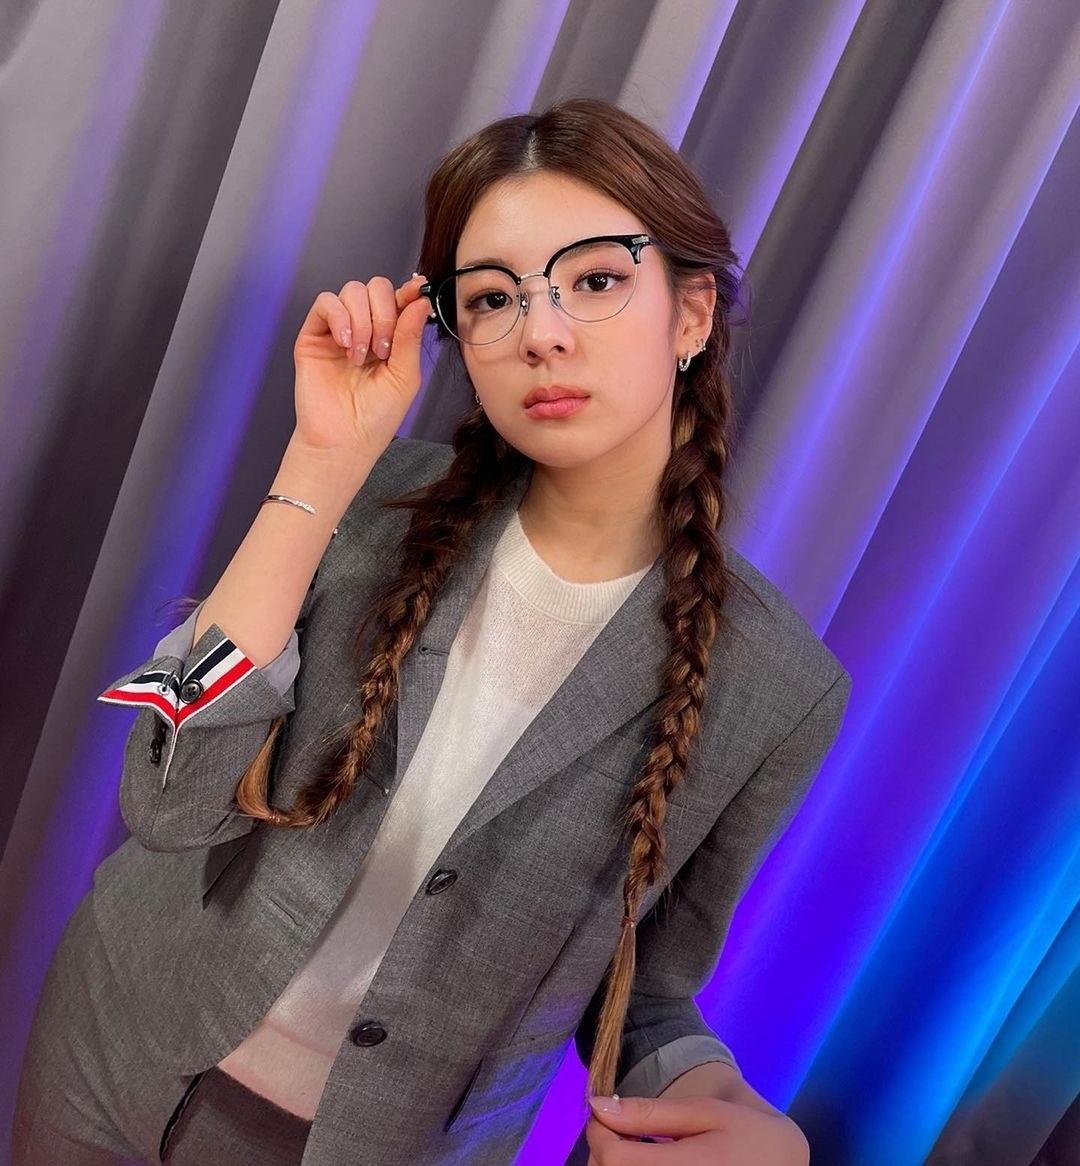 Lia tết tóc, đeo kính hóa thân thành cô sinh viên xinh đẹp.